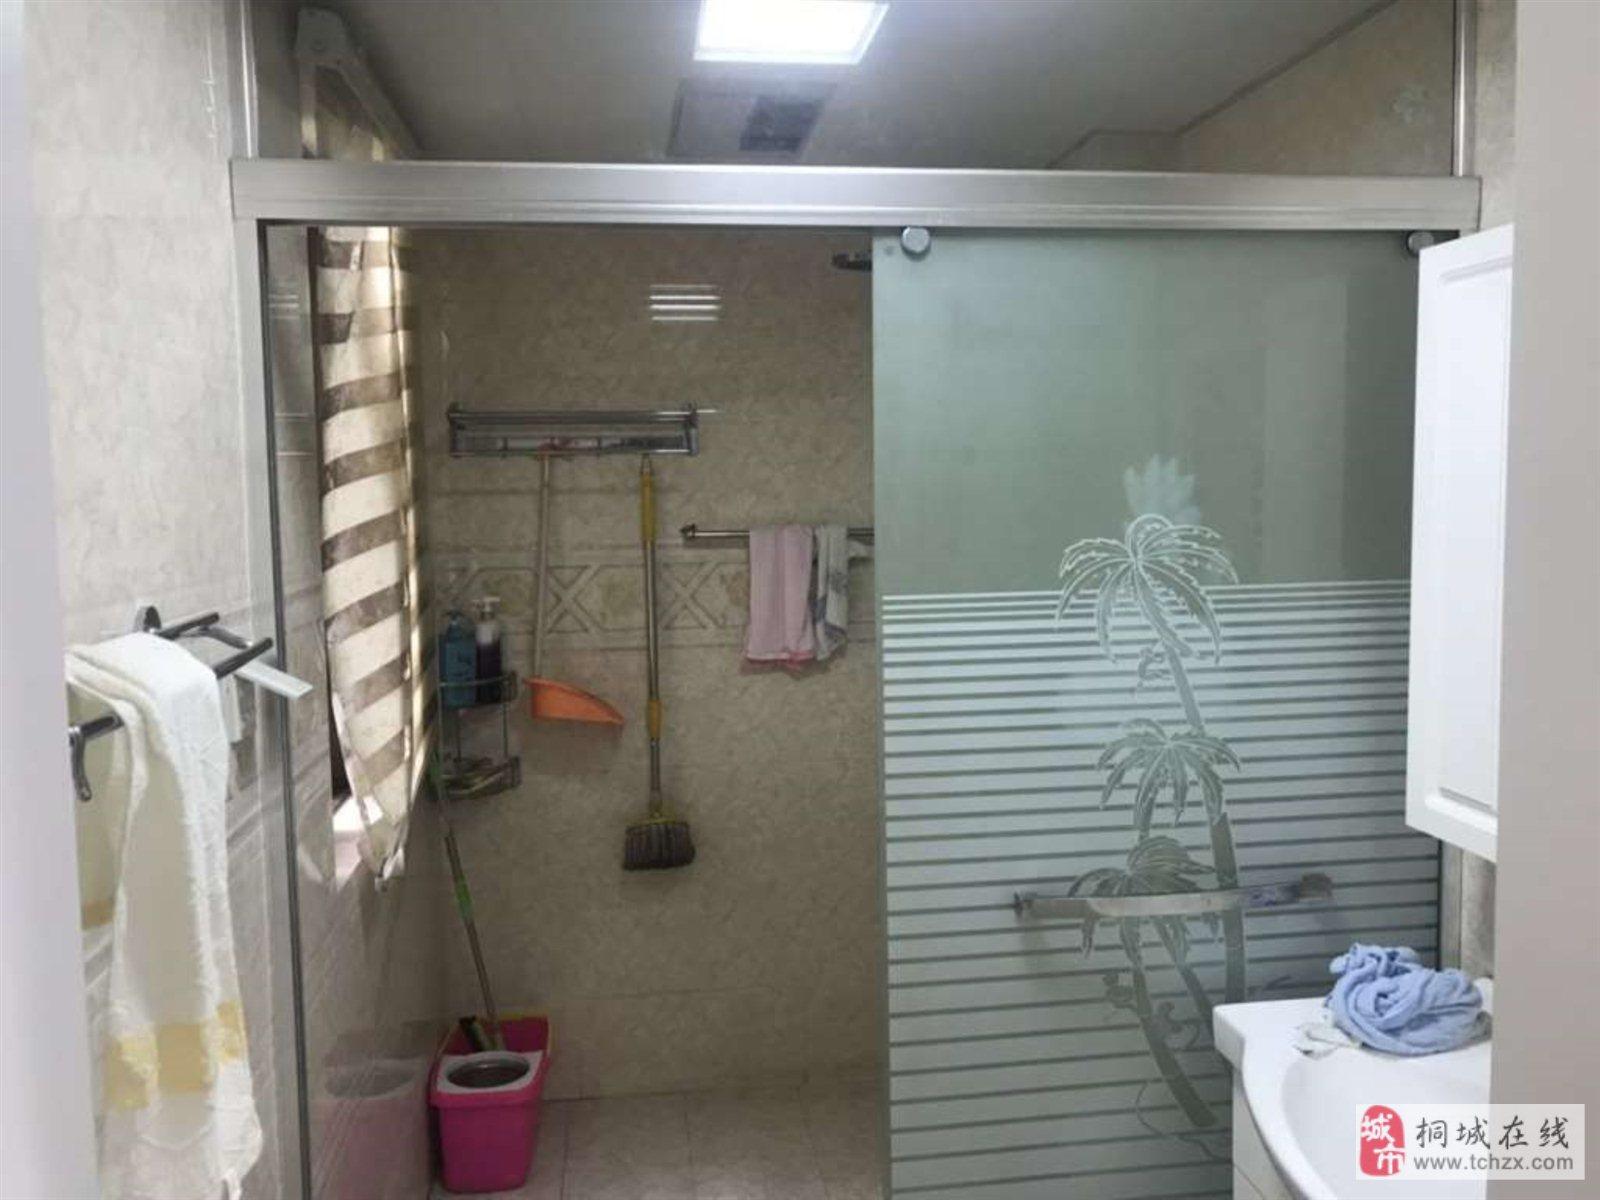 香山公馆3室2厅1卫68万元精装房6300一平